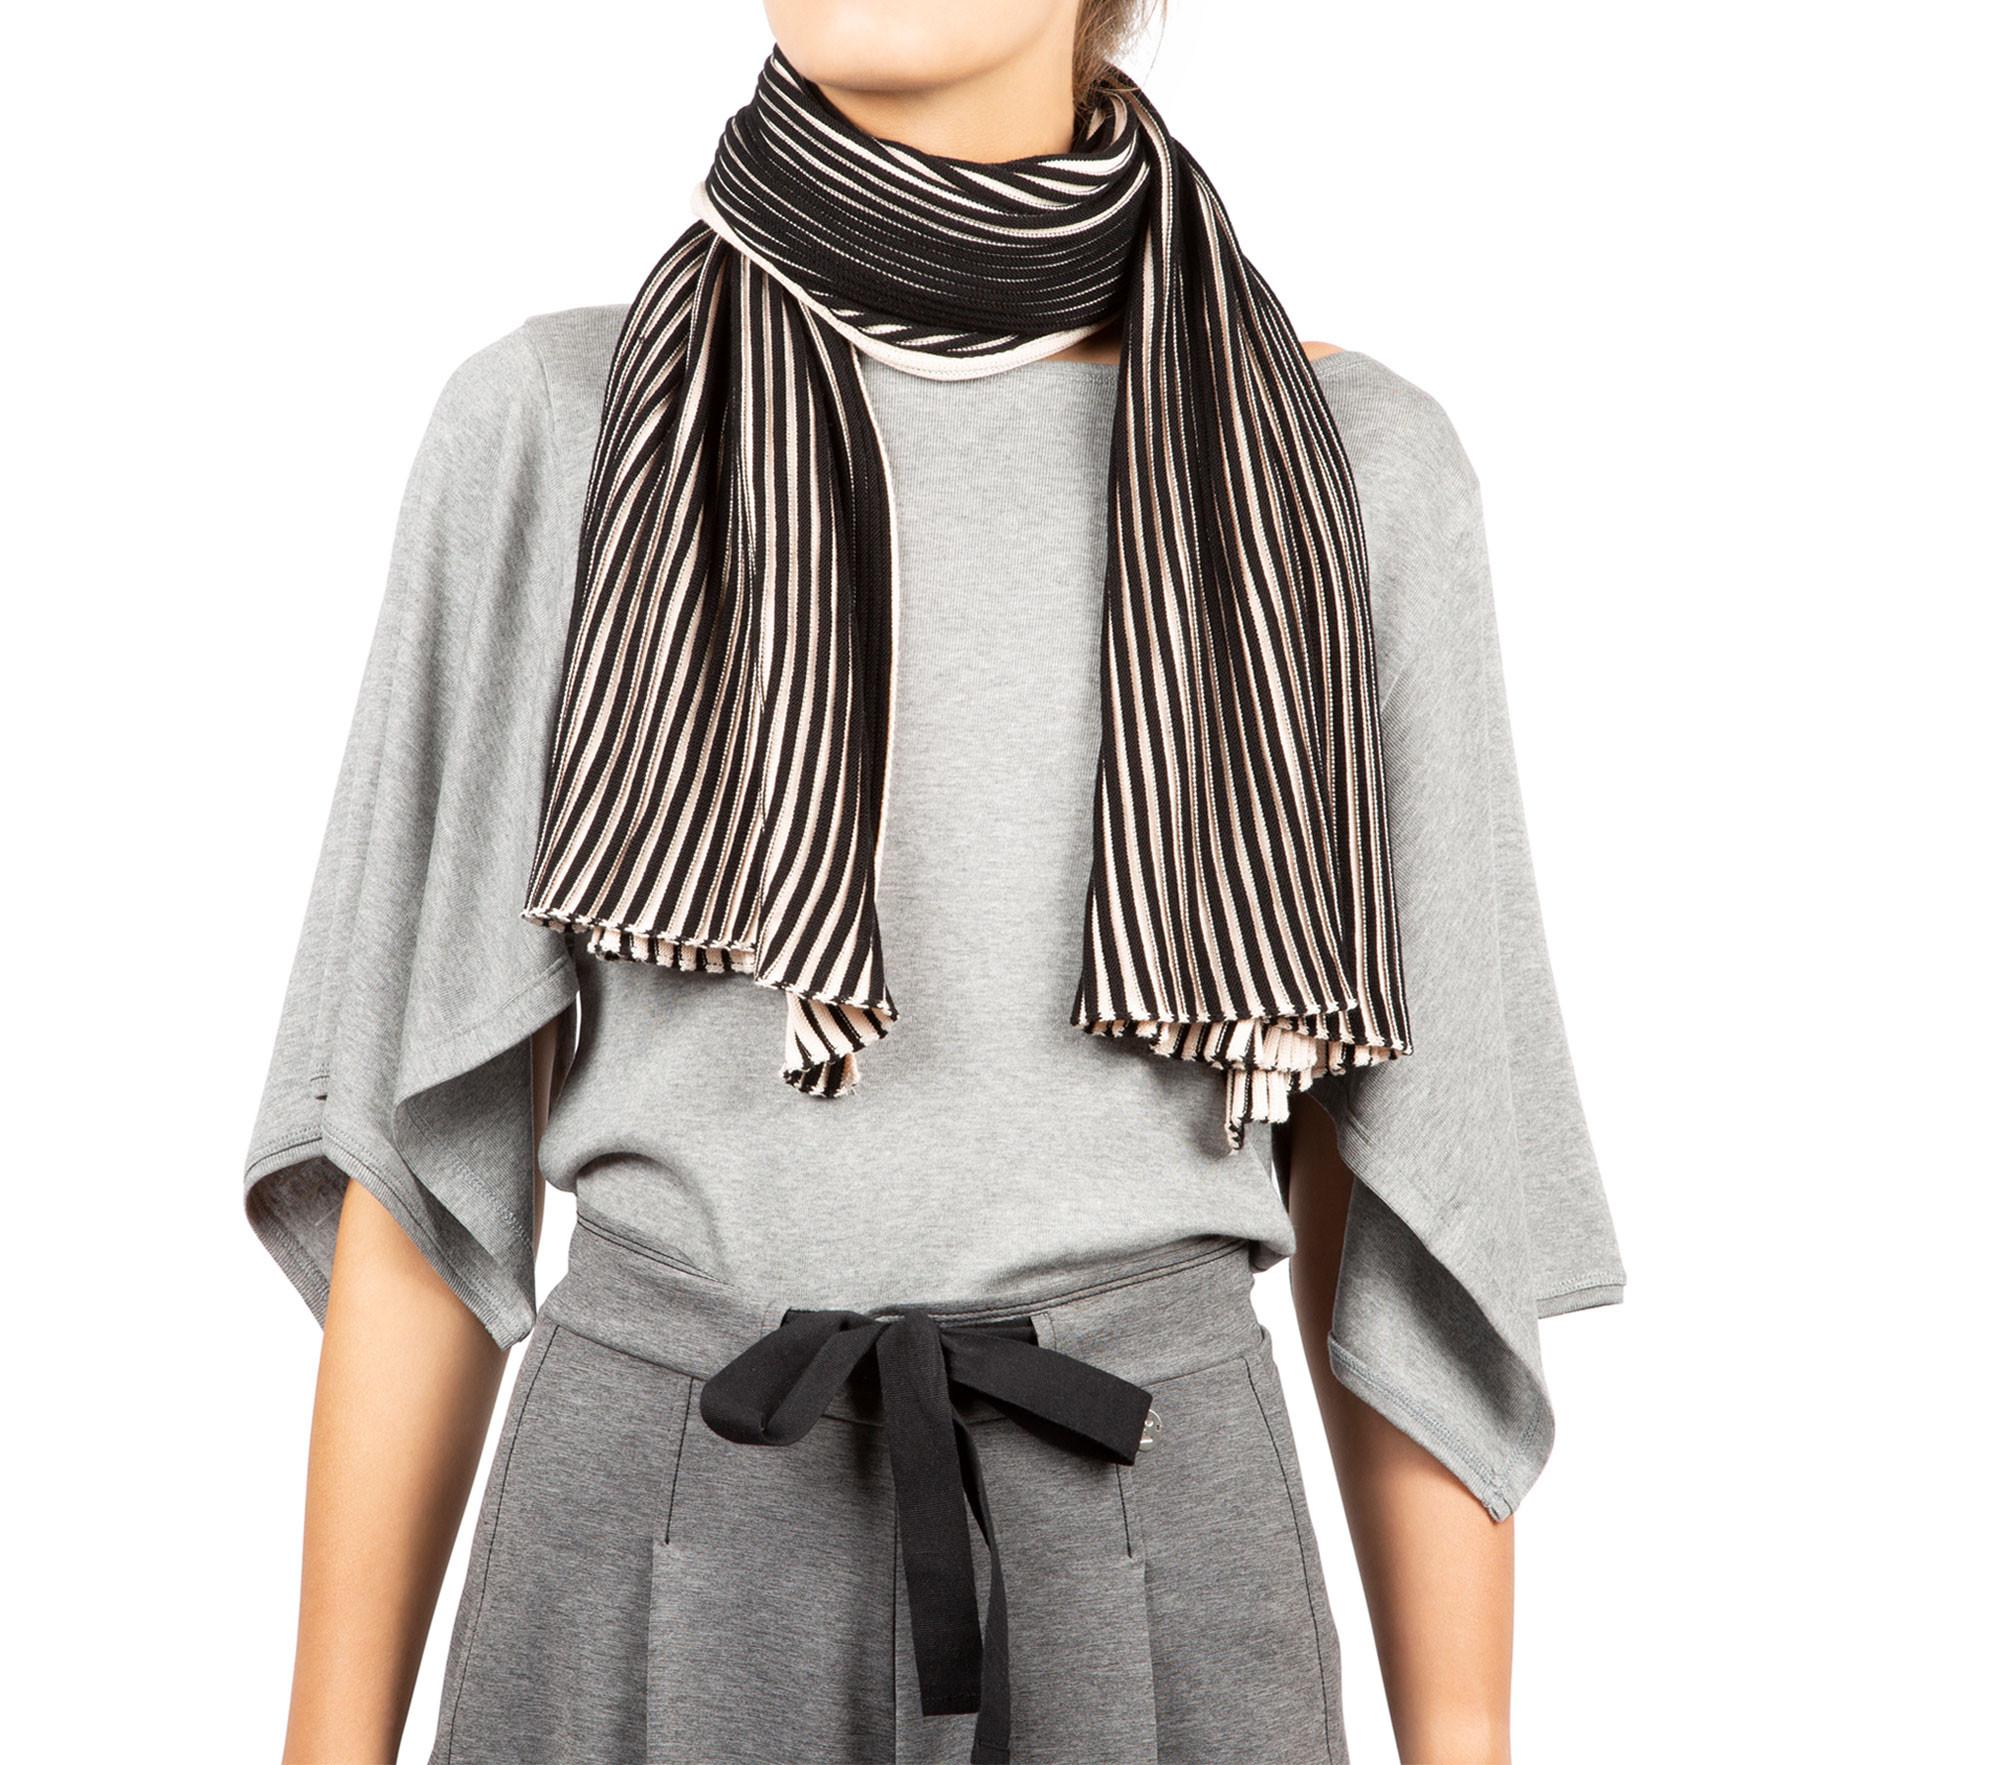 Langer Schal aus Rippstrick, zweifarbig